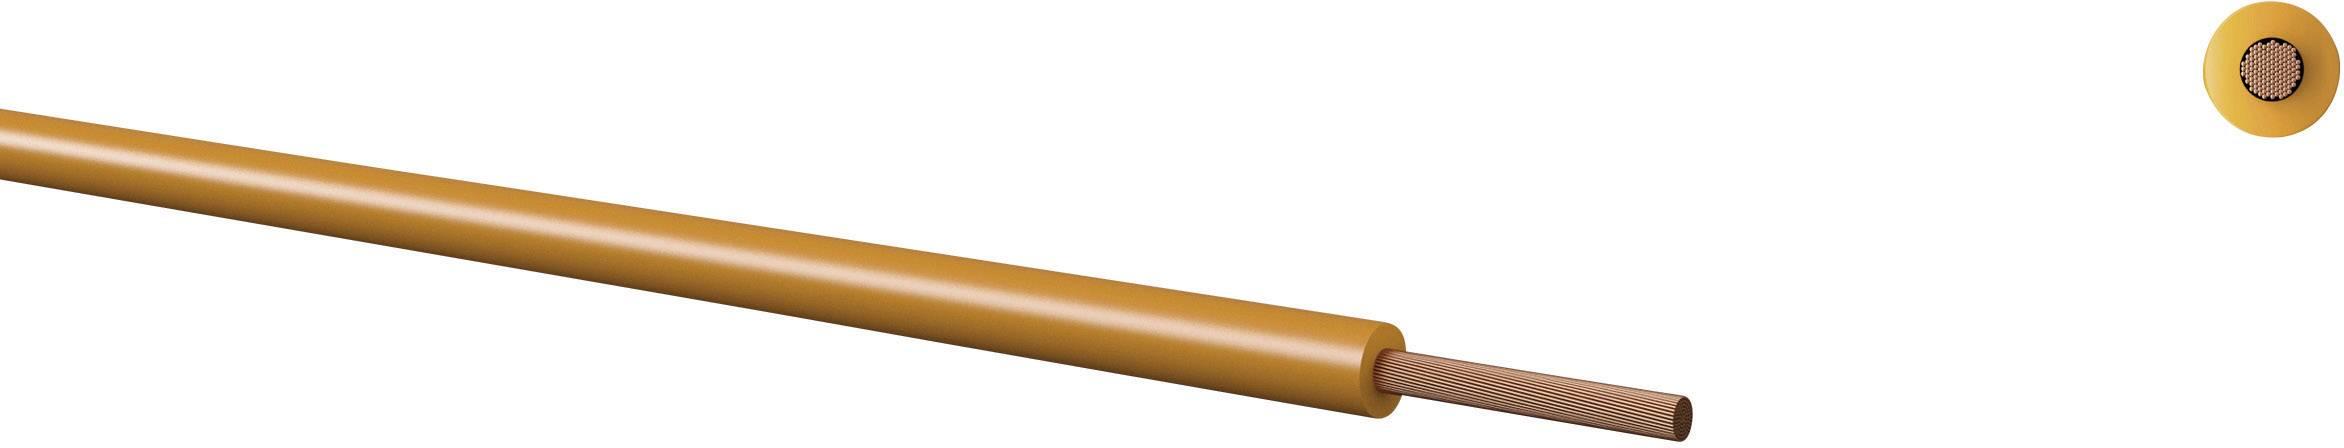 Opletenie / lanko Kabeltronik 160110009 LiFY, 1 x 1 mm², vonkajší Ø 2.50 mm, metrový tovar, čierna